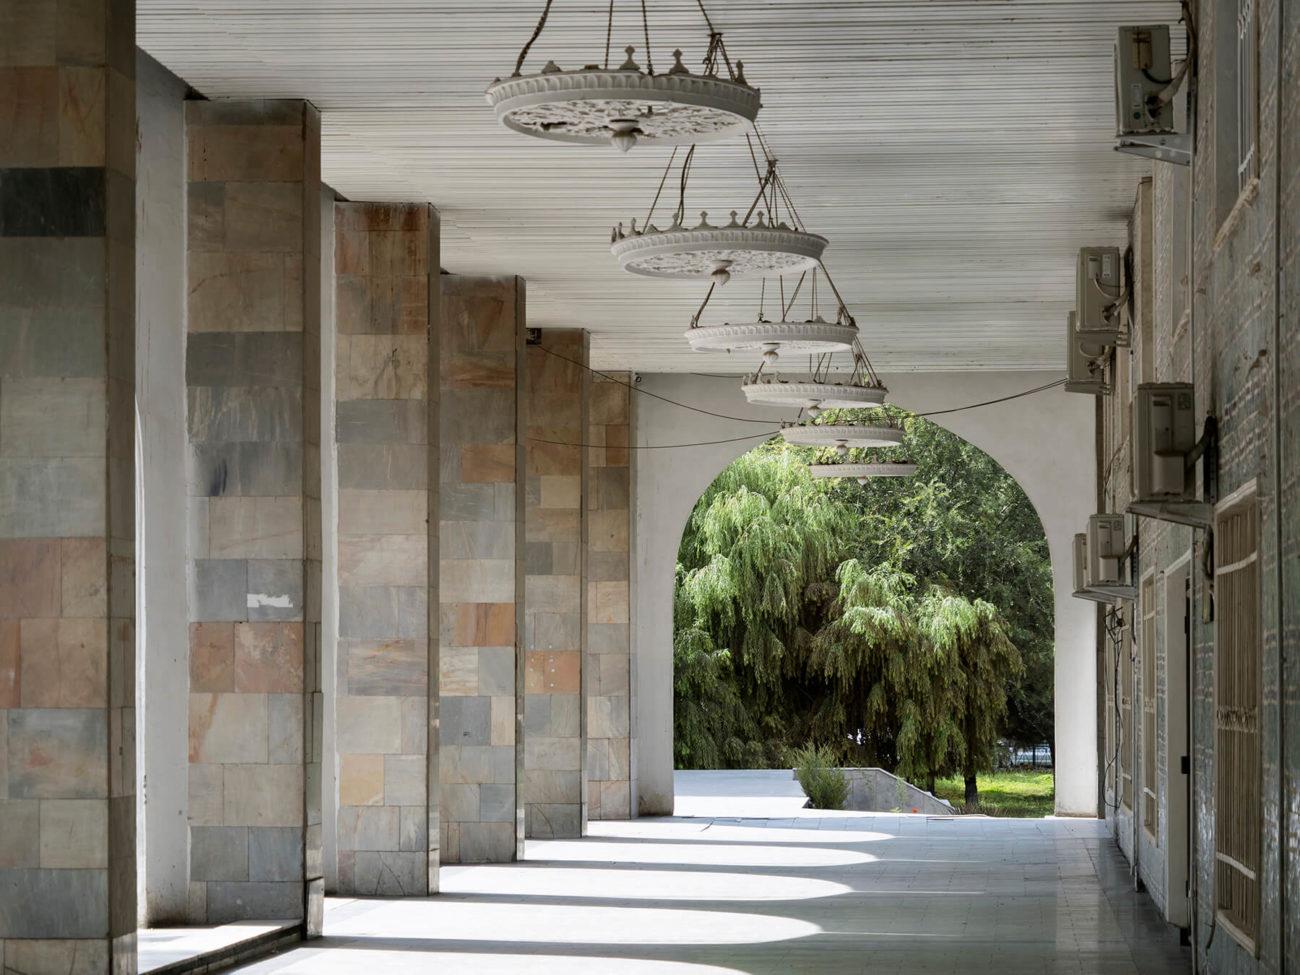 Ausstellungshalle Akademie der Künste Taschkent Usbekistan